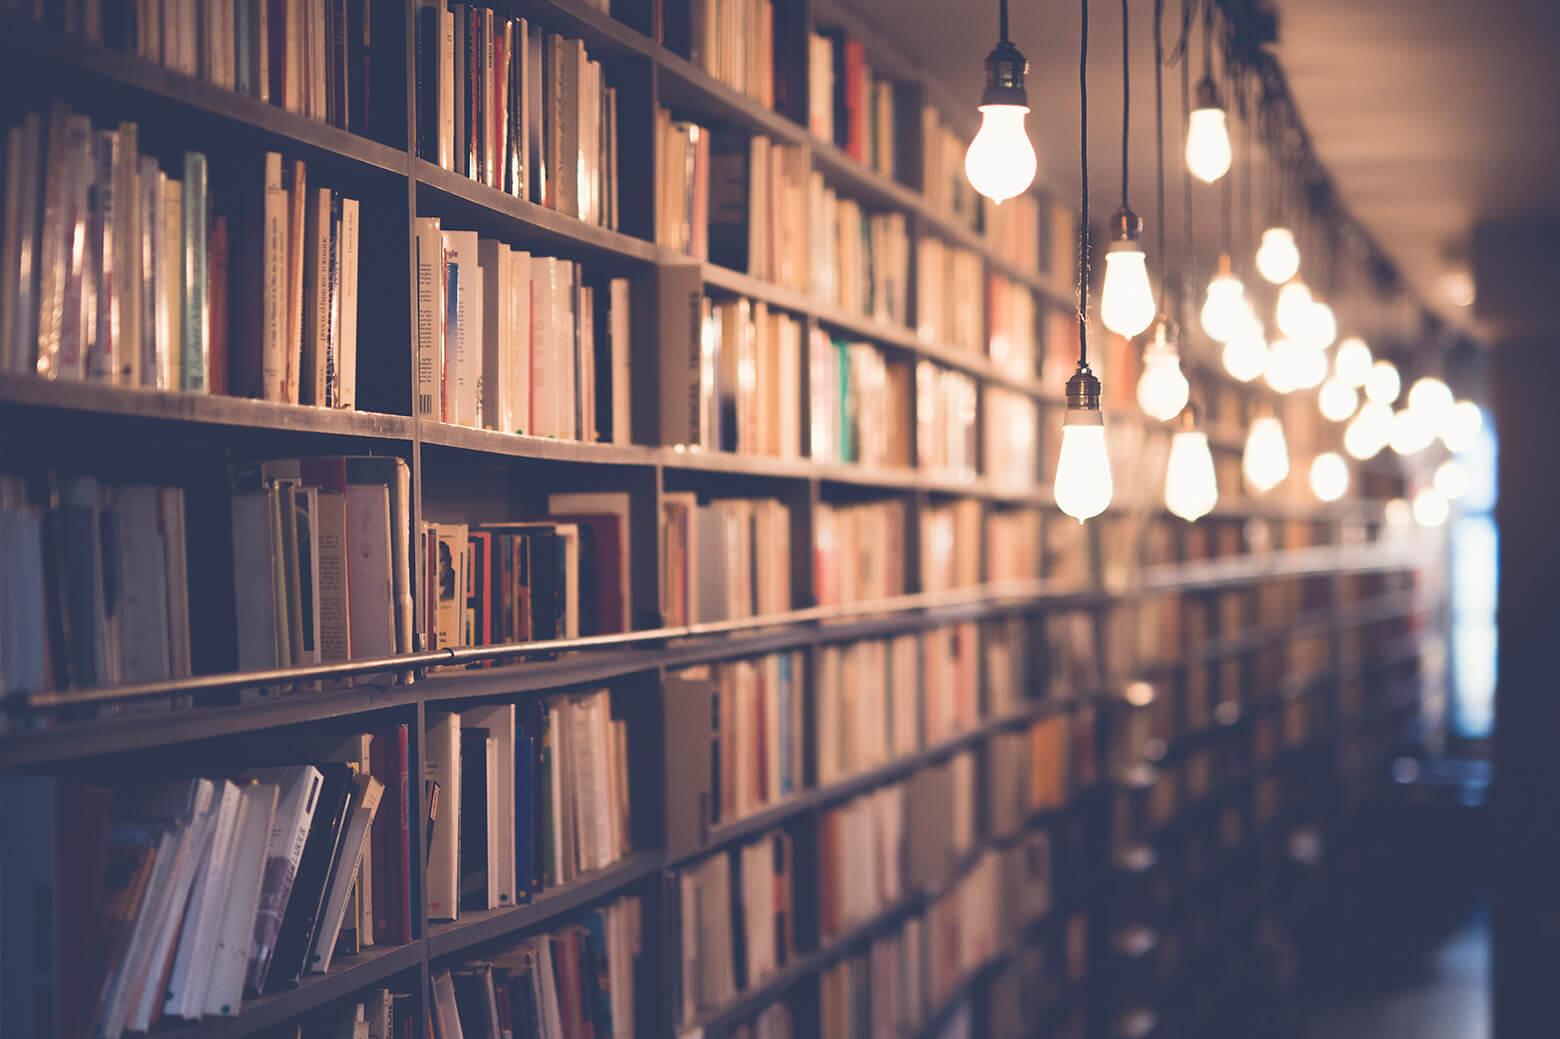 A library scene